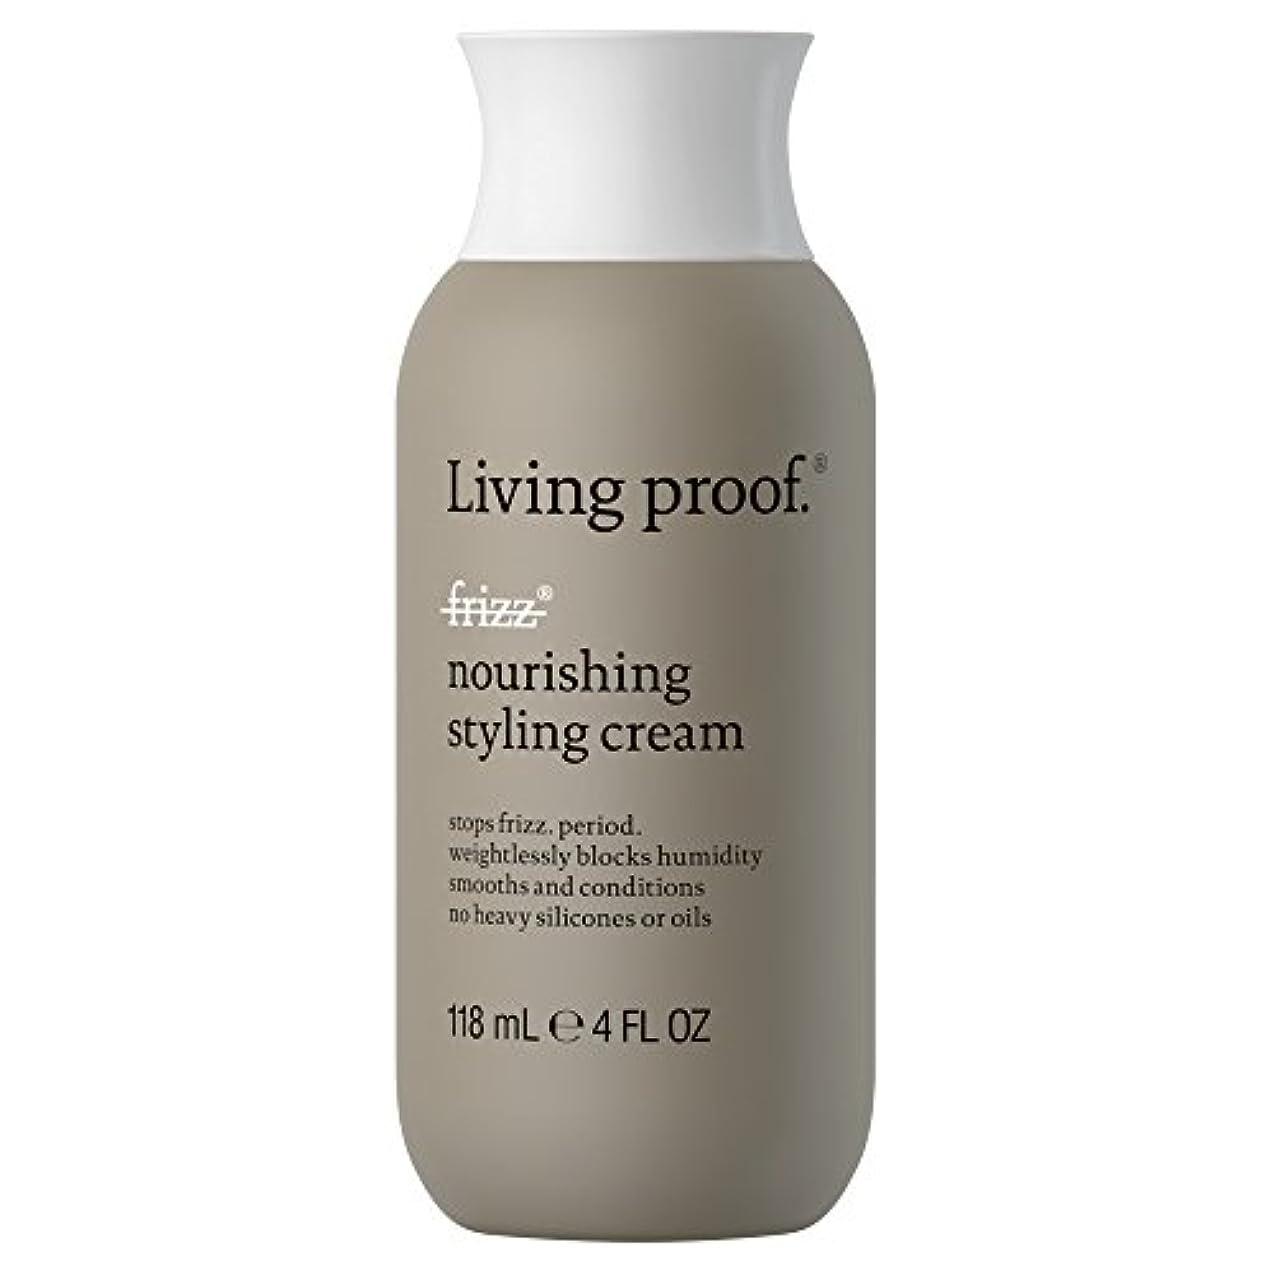 逃すプレゼン行う生きている証拠なし縮れ栄養スタイリングクリーム118ミリリットル (Living Proof) - Living Proof No Frizz Nourishing Styling Cream 118ml [並行輸入品]